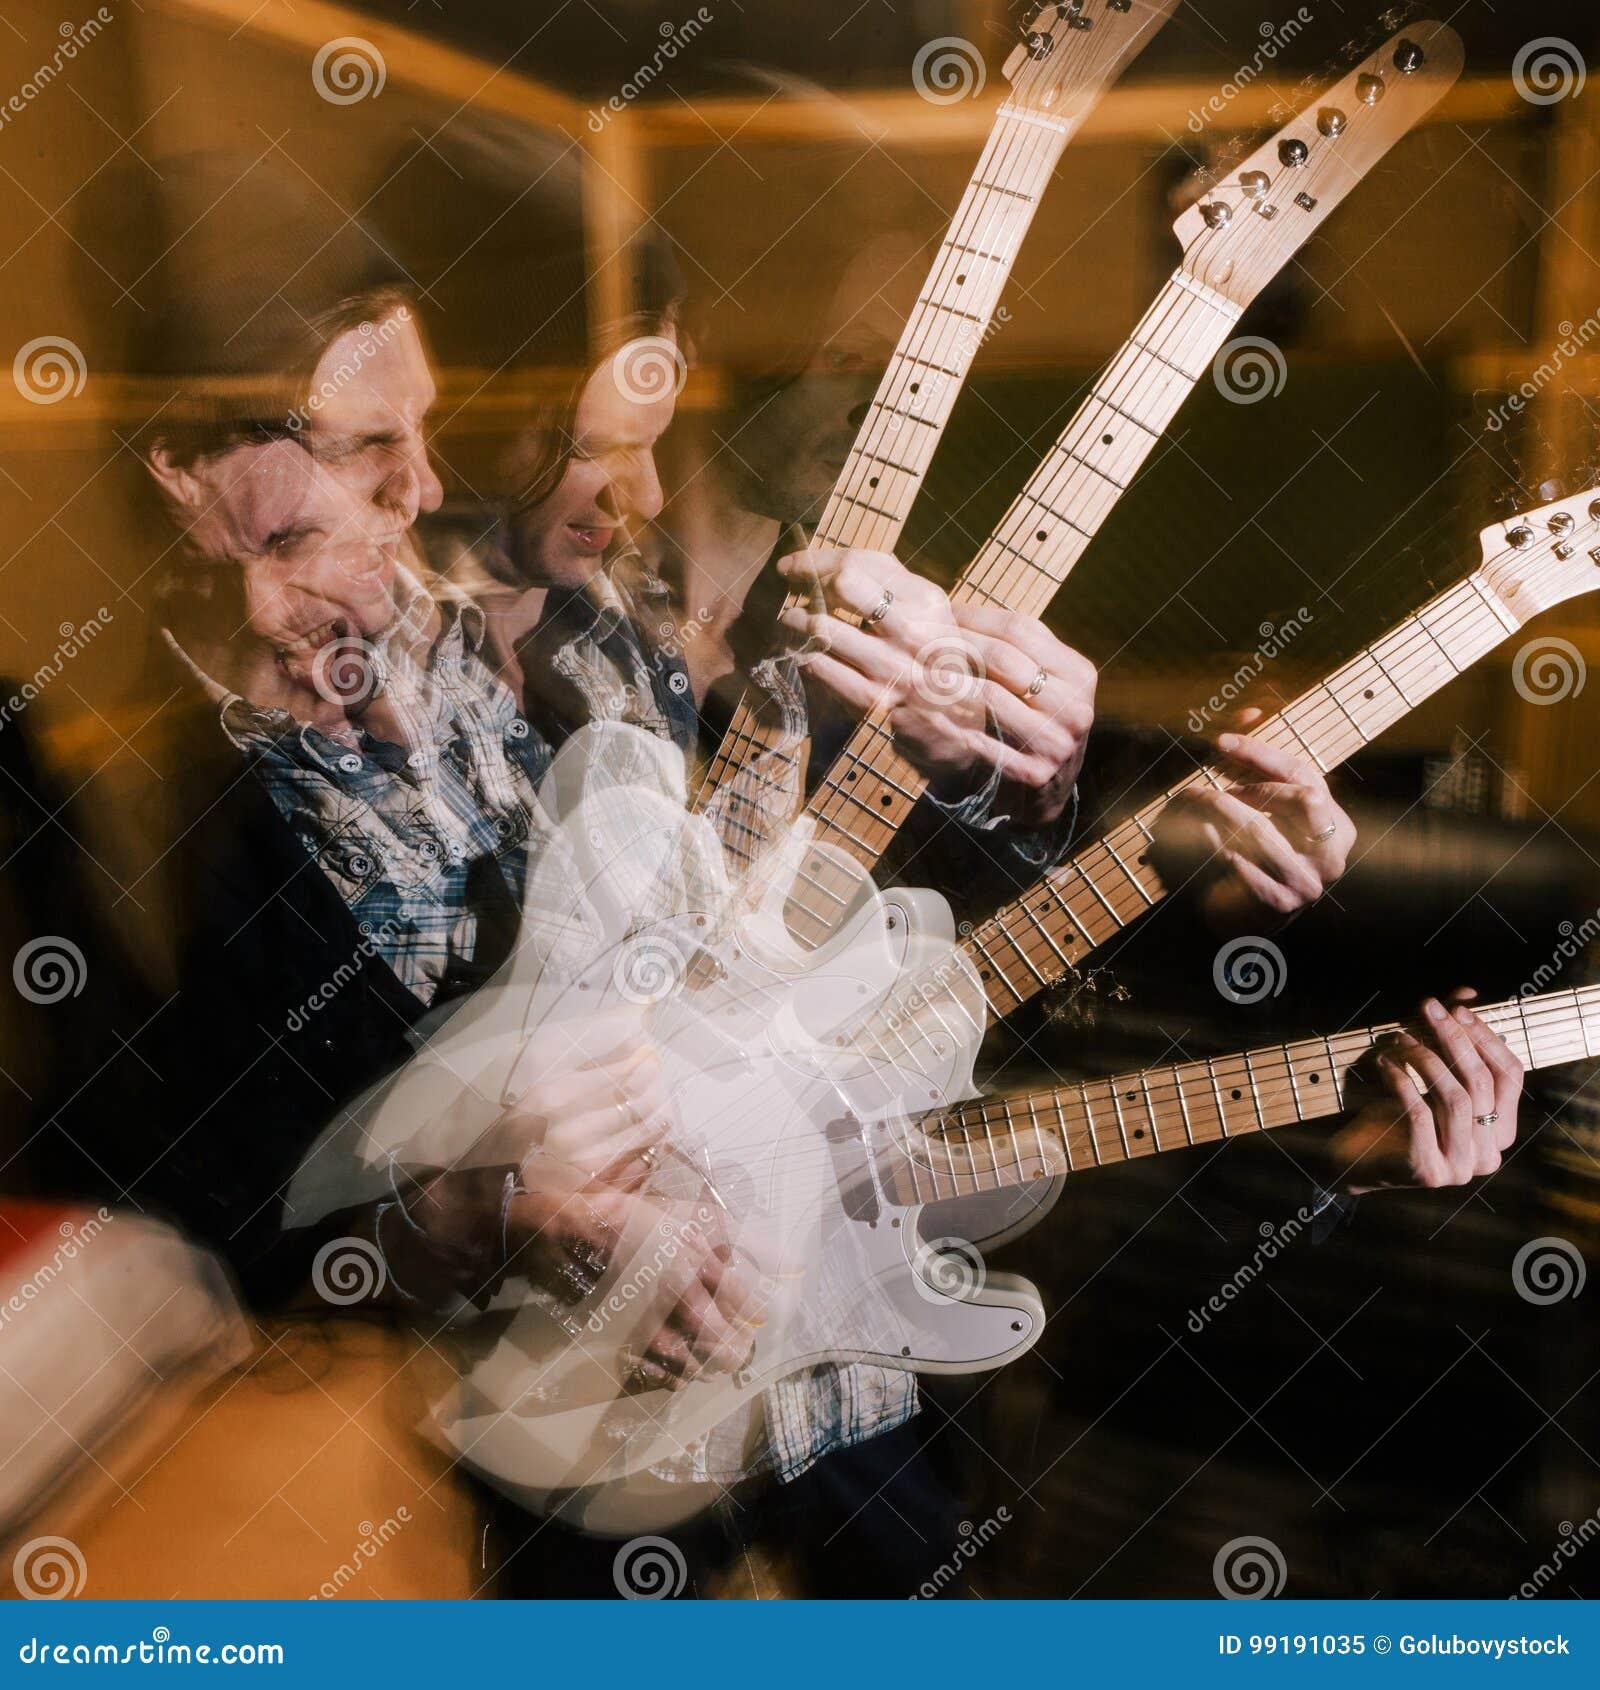 Aggressive heavy music. Male guitarist portrait